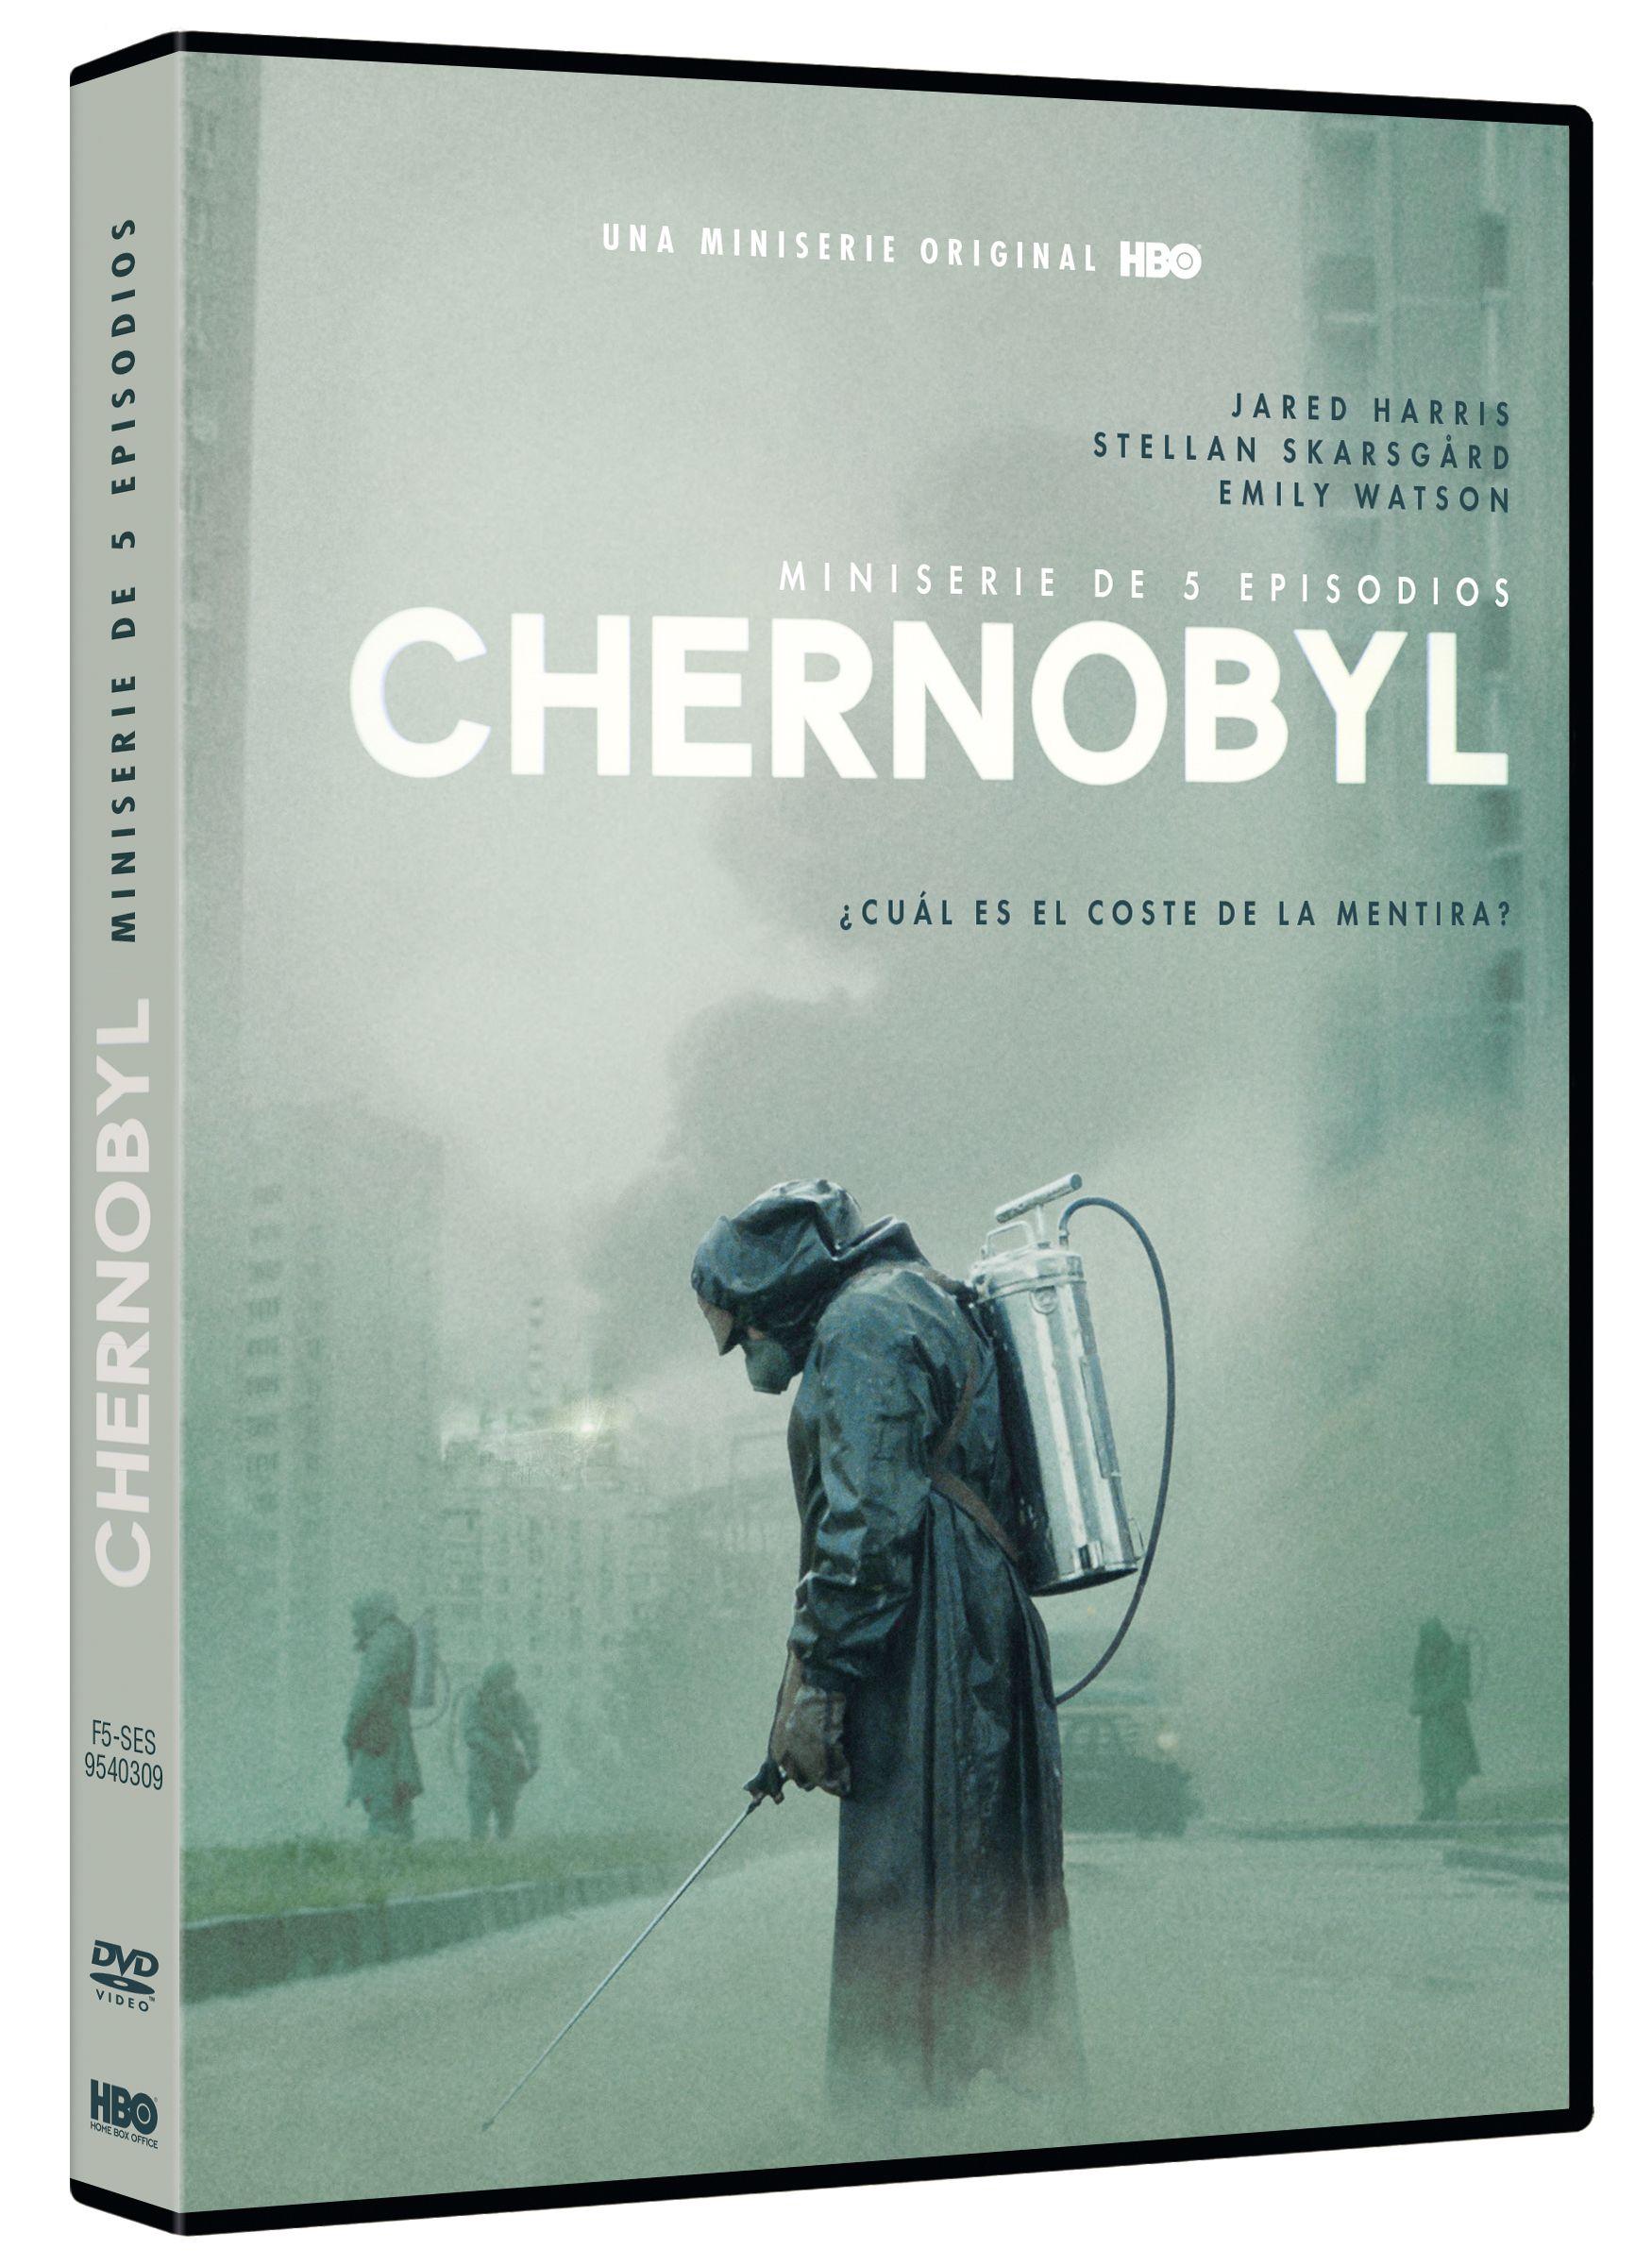 CHERNOBYL -MINI SERIE-